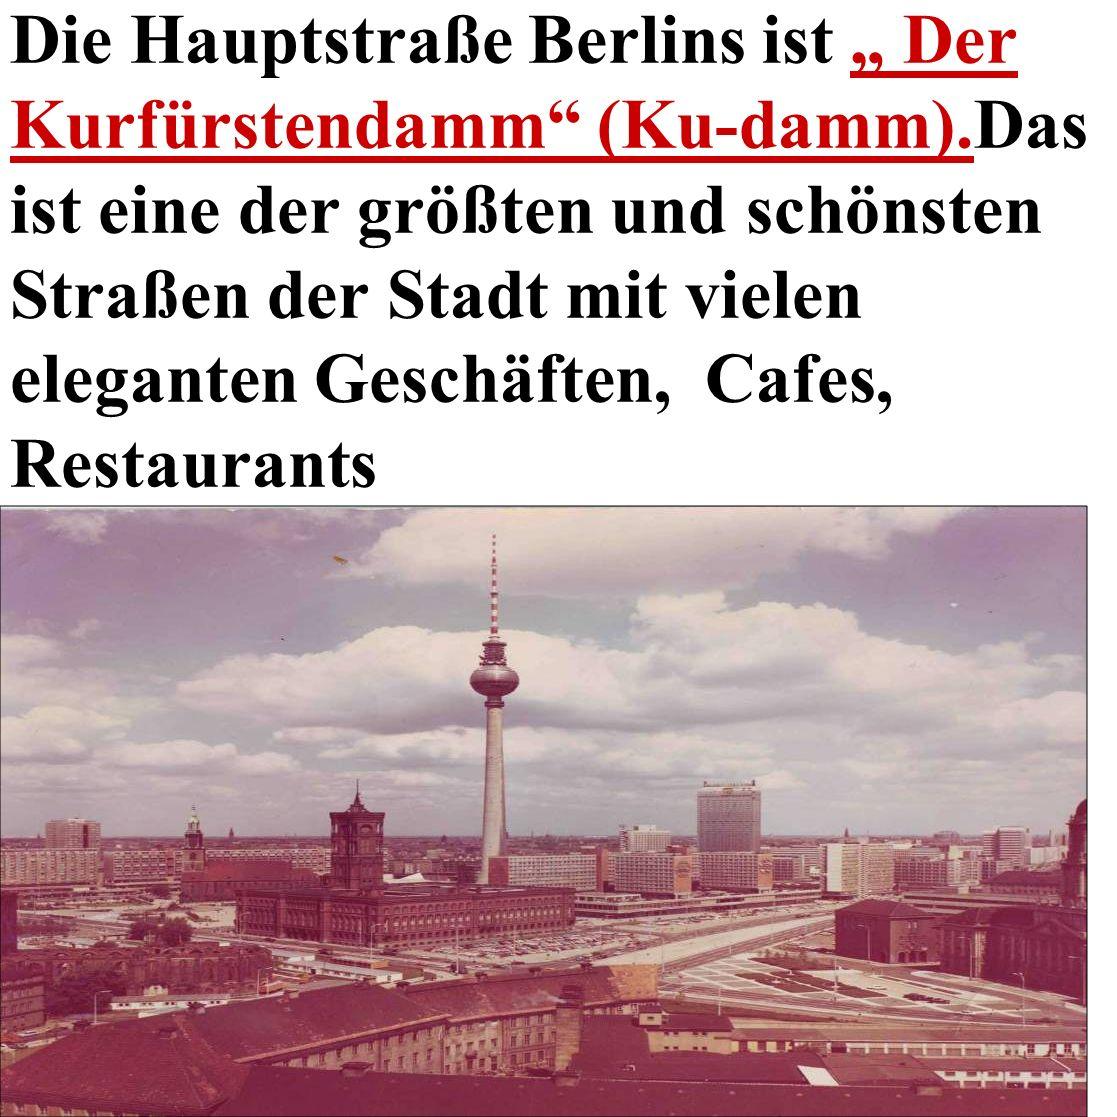 Die Hauptstraße Berlins ist Der Kurfürstendamm (Ku-damm).Das ist eine der größten und schönsten Straßen der Stadt mit vielen eleganten Geschäften, Cafes, Restaurants